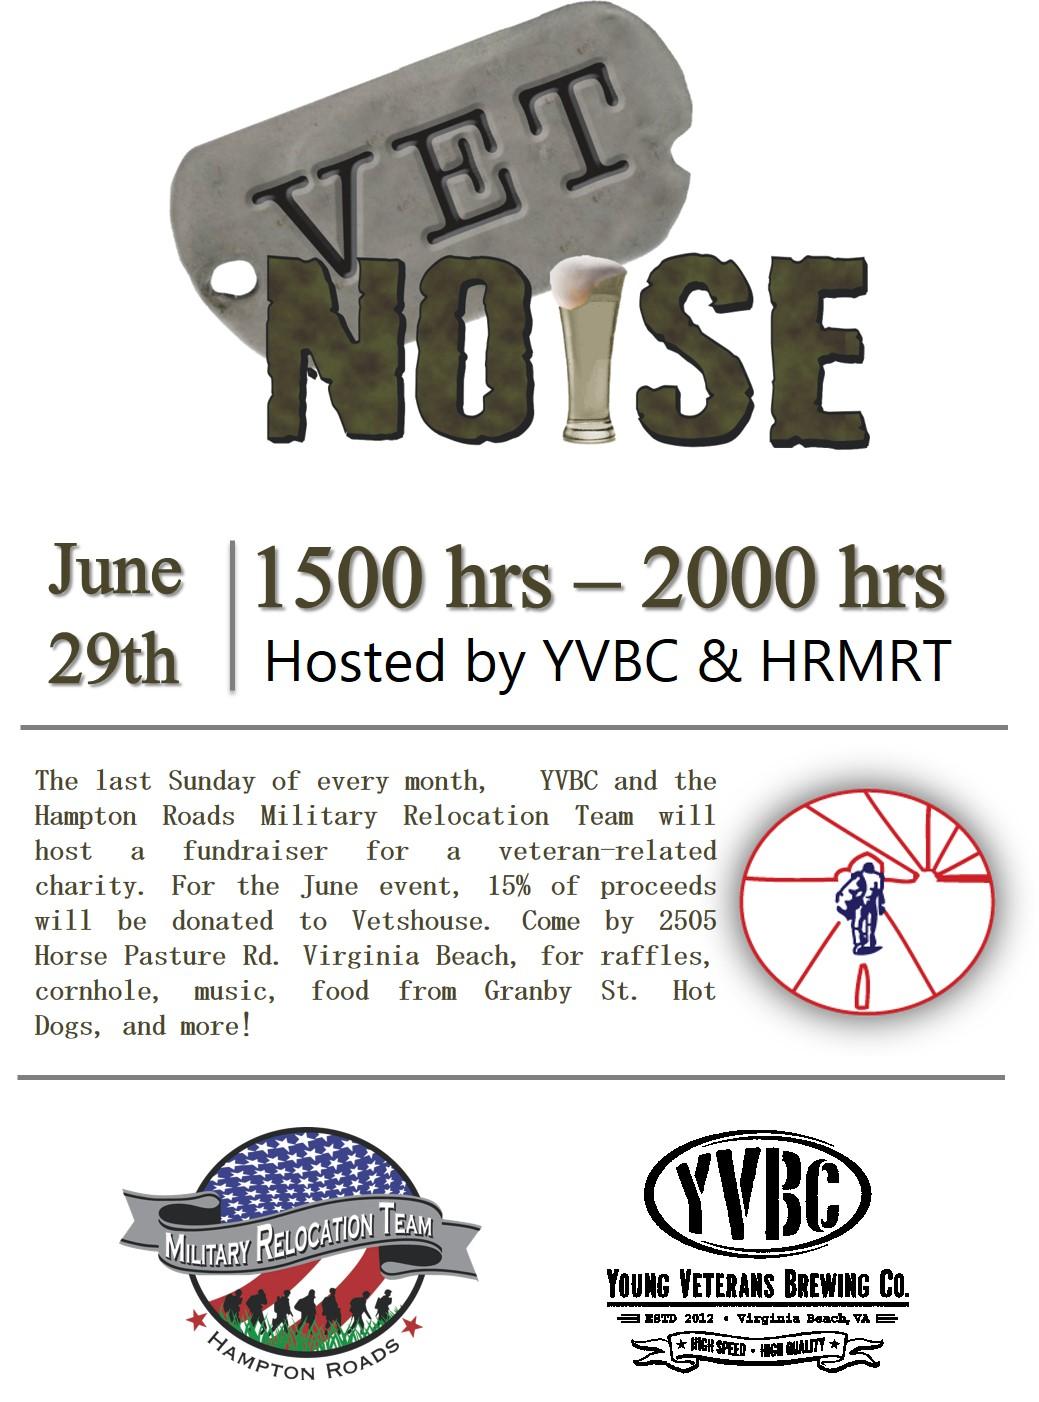 Vet Noise